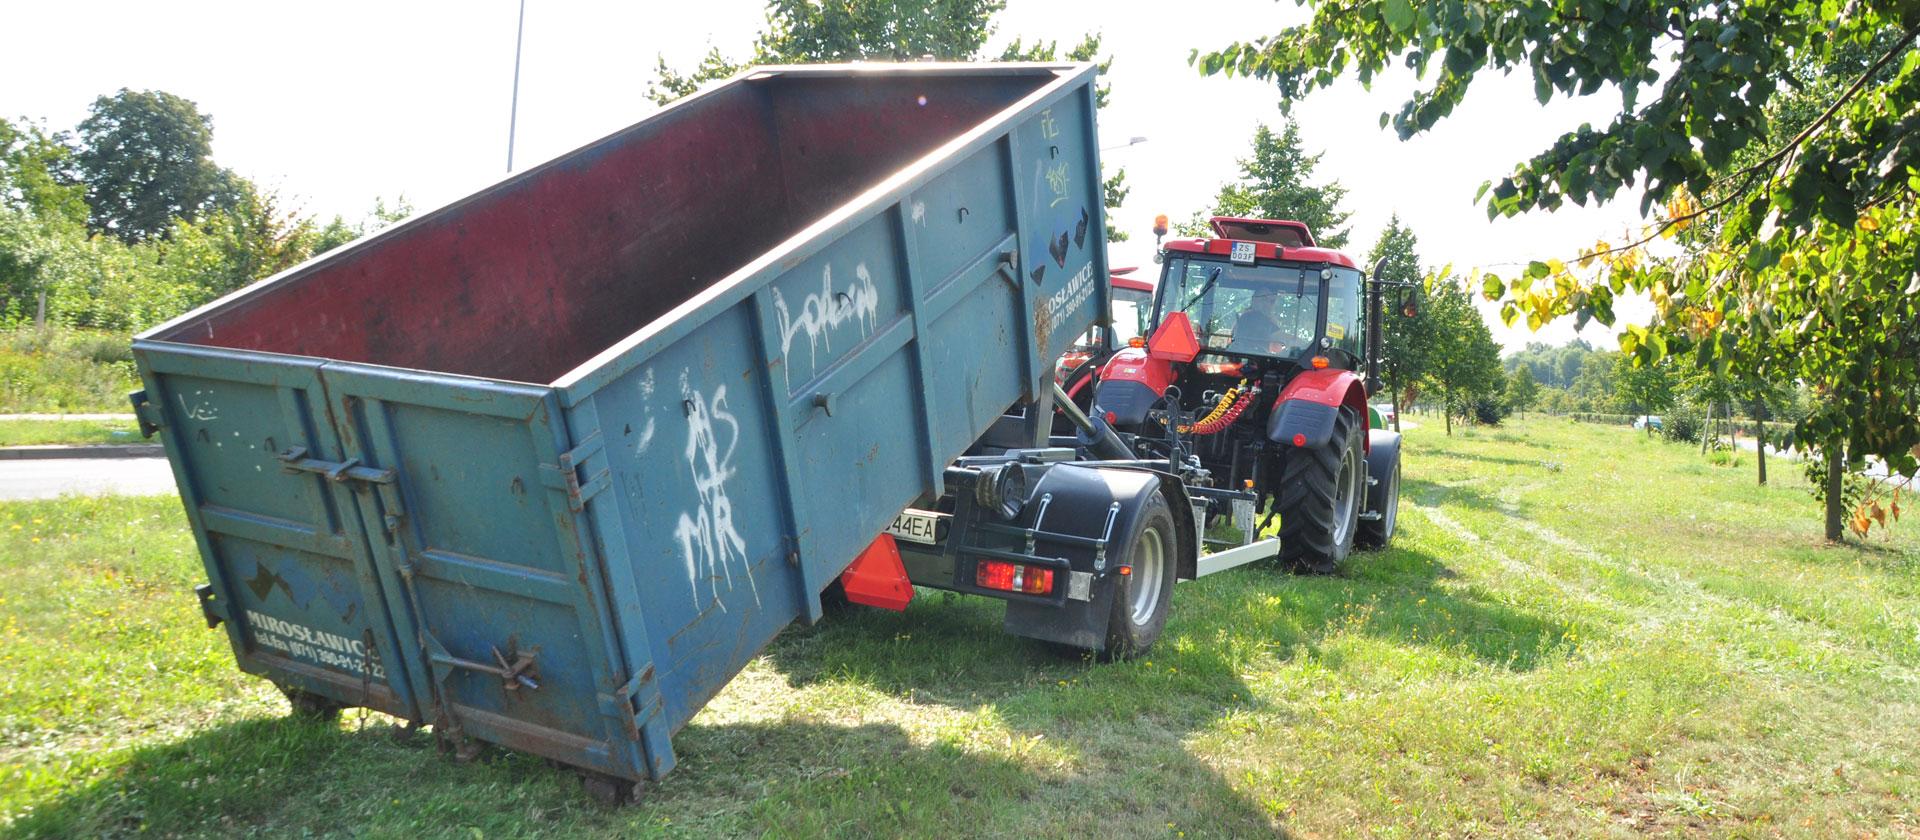 Dzierżawa kontenerów, zbieranie i transport odpadów